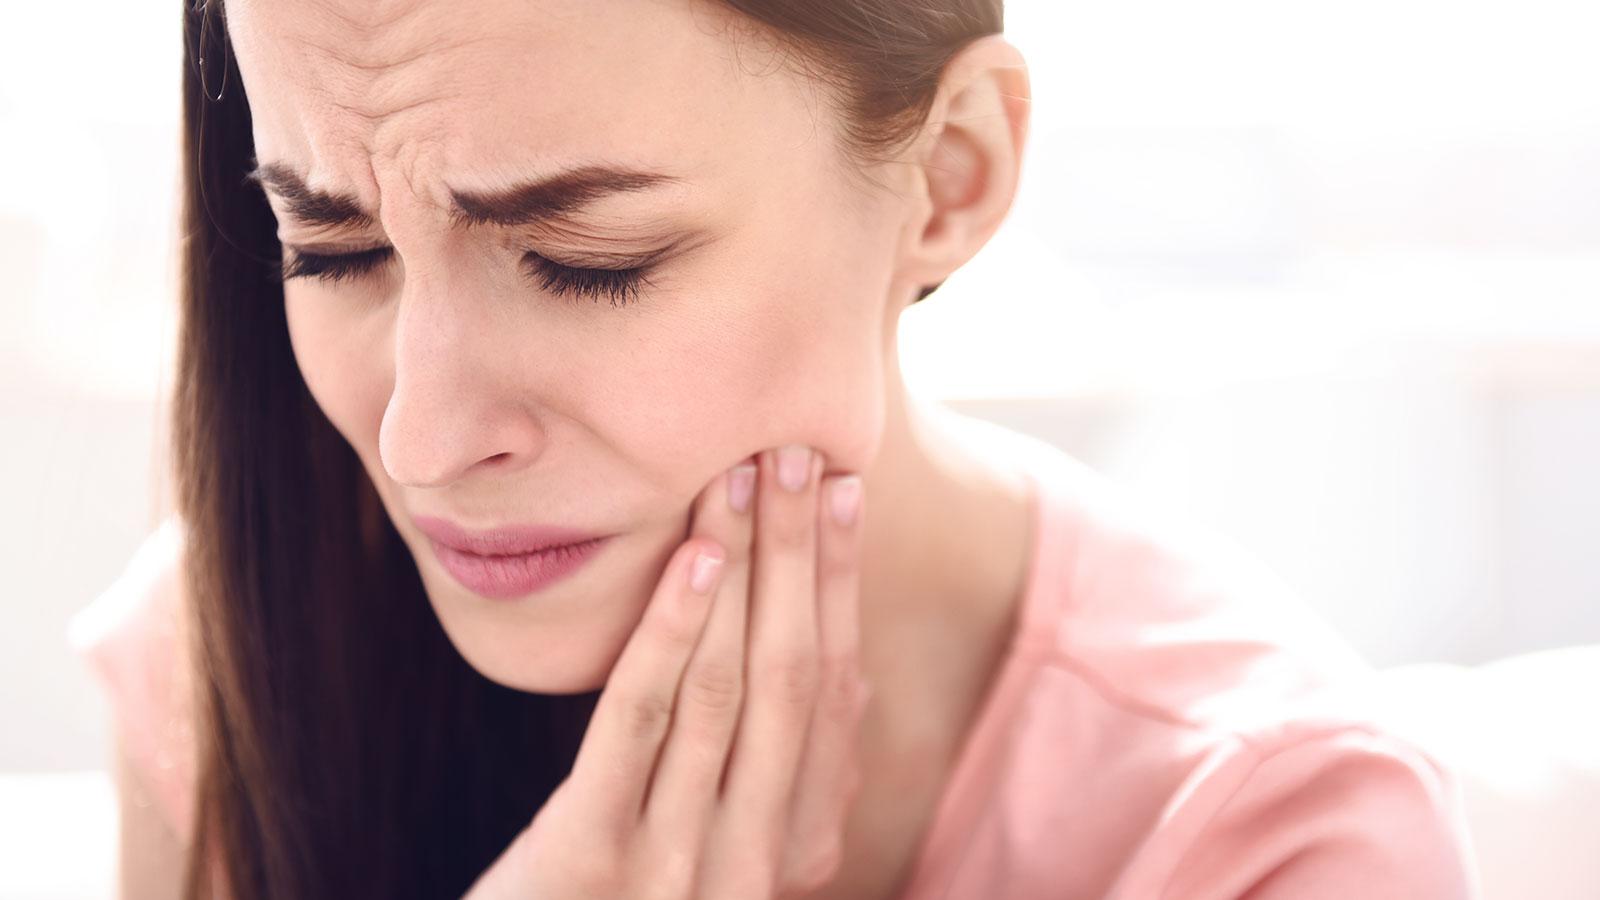 dolor de muela tomando antibiotico